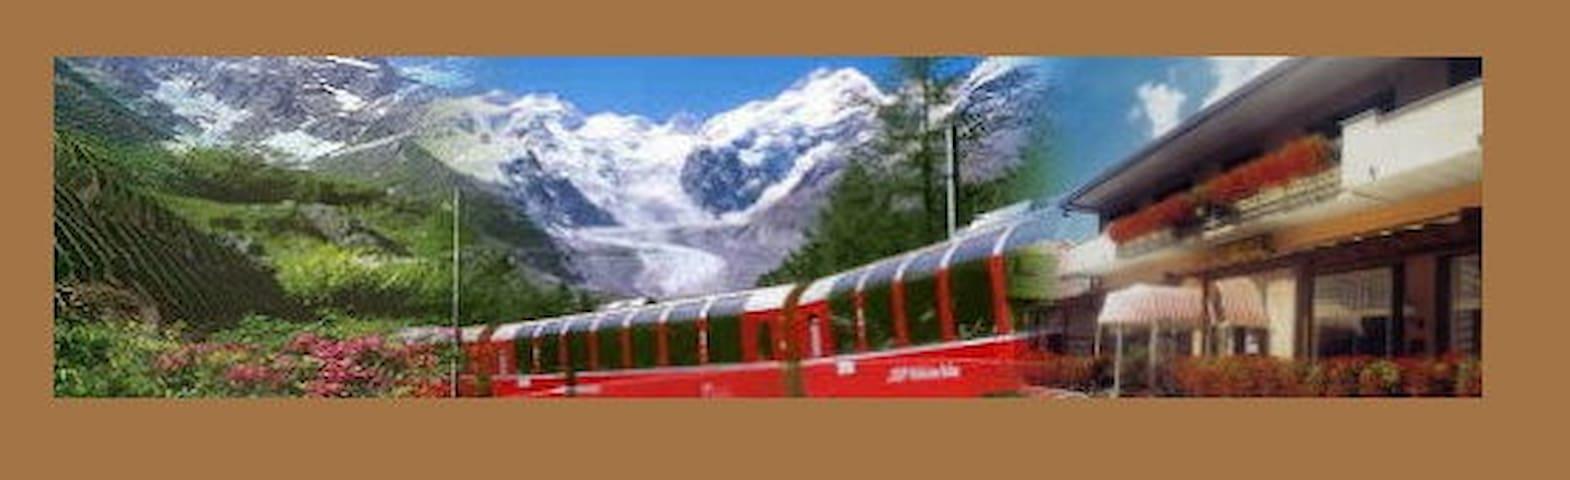 B&B La Sosta Gita col Trenino Rosso del Bernina - Villa di Tirano